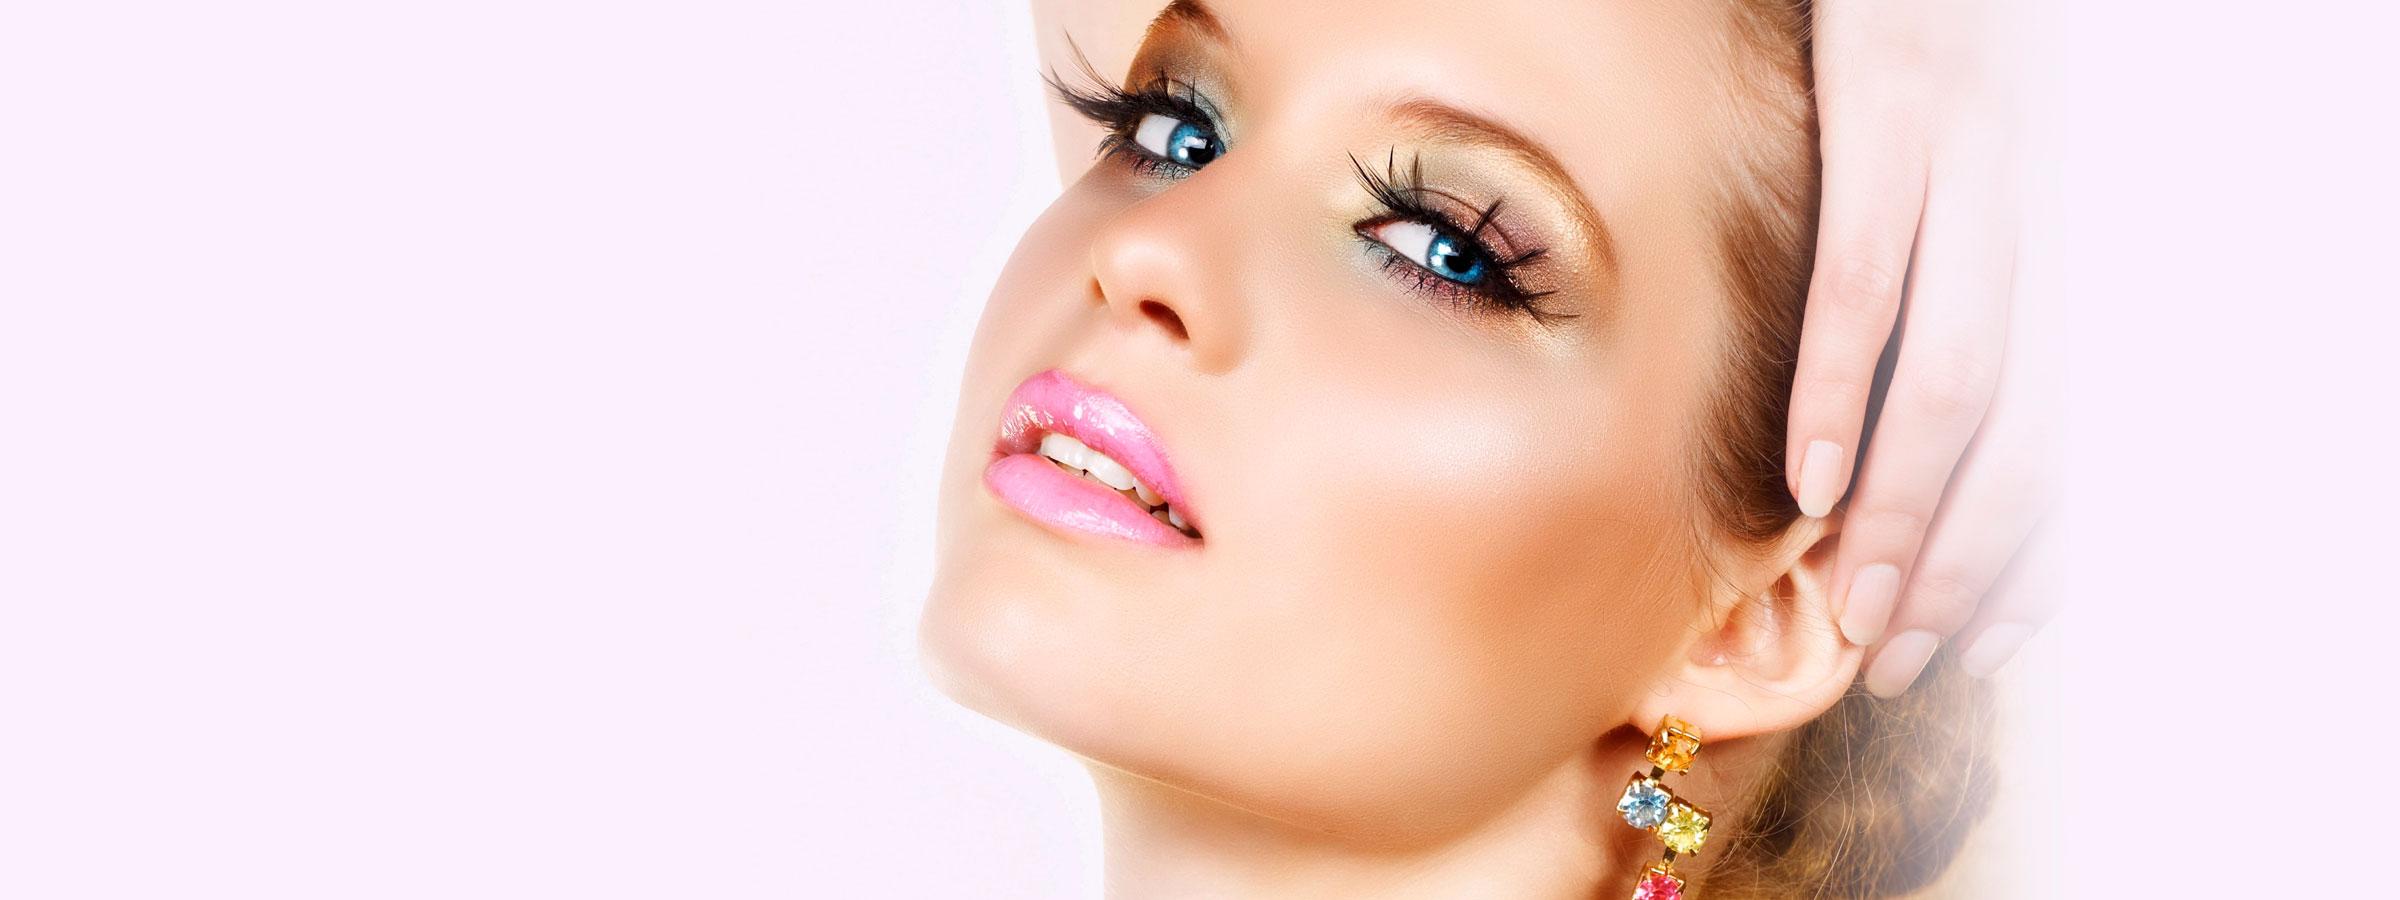 Maquillaje Novias16 Horas